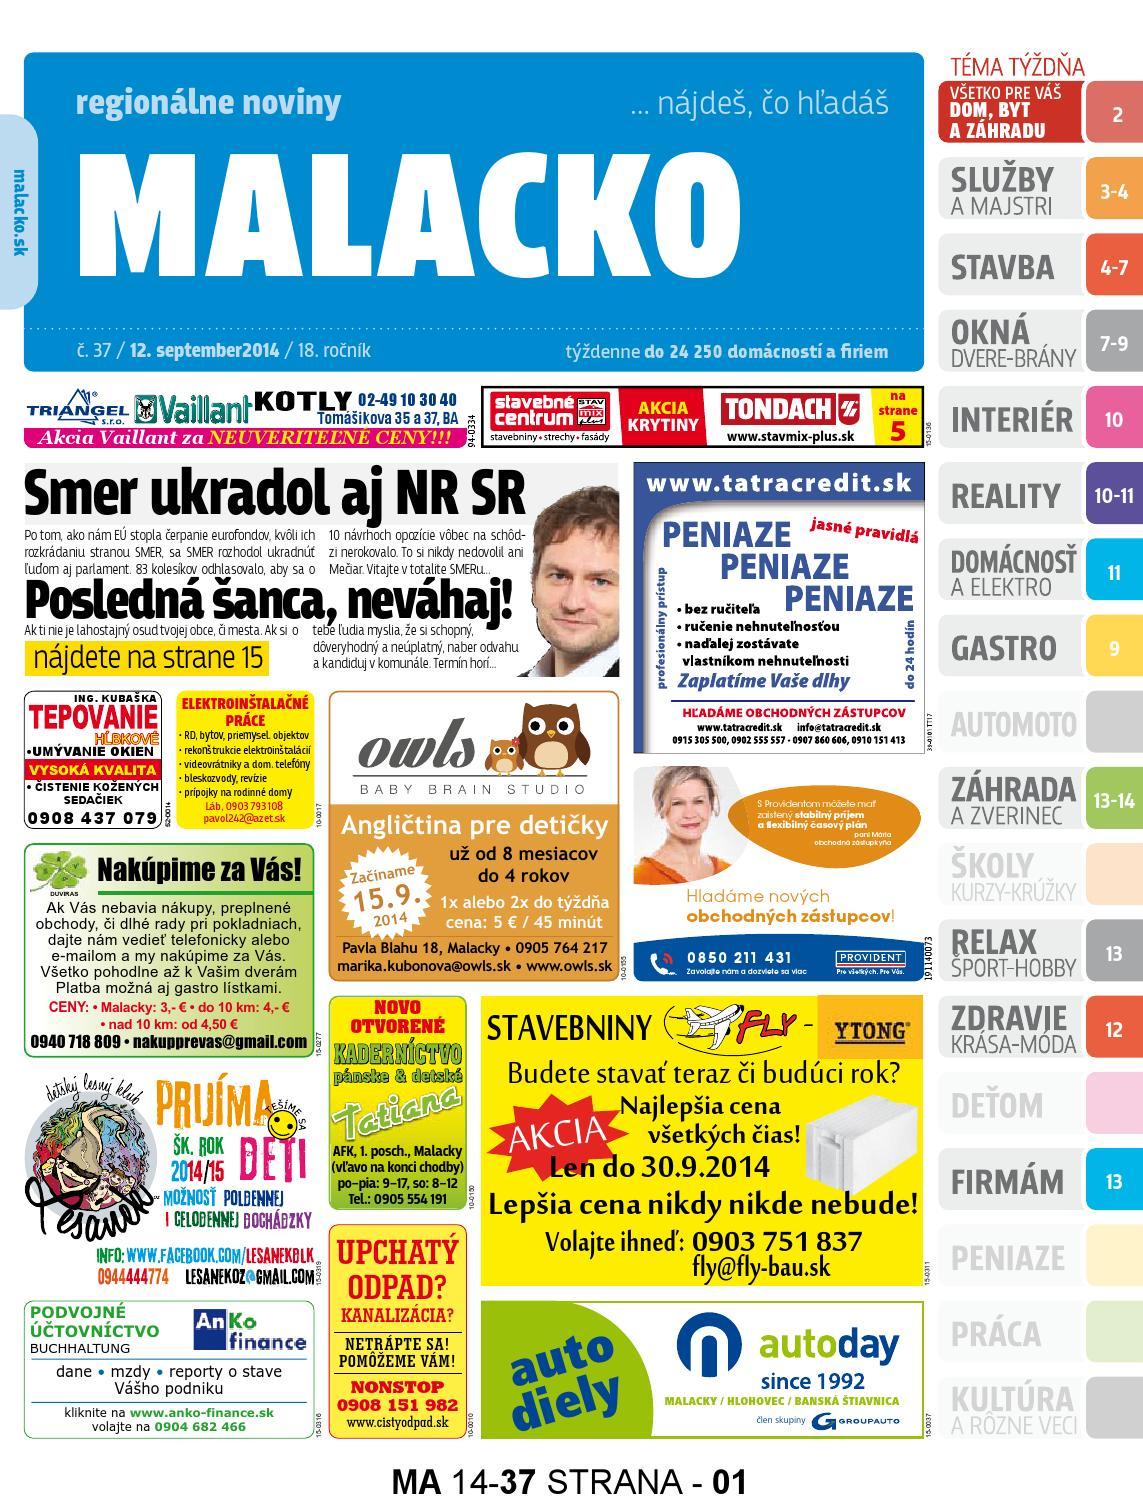 Cyprus Zoznamka stránky zadarmo